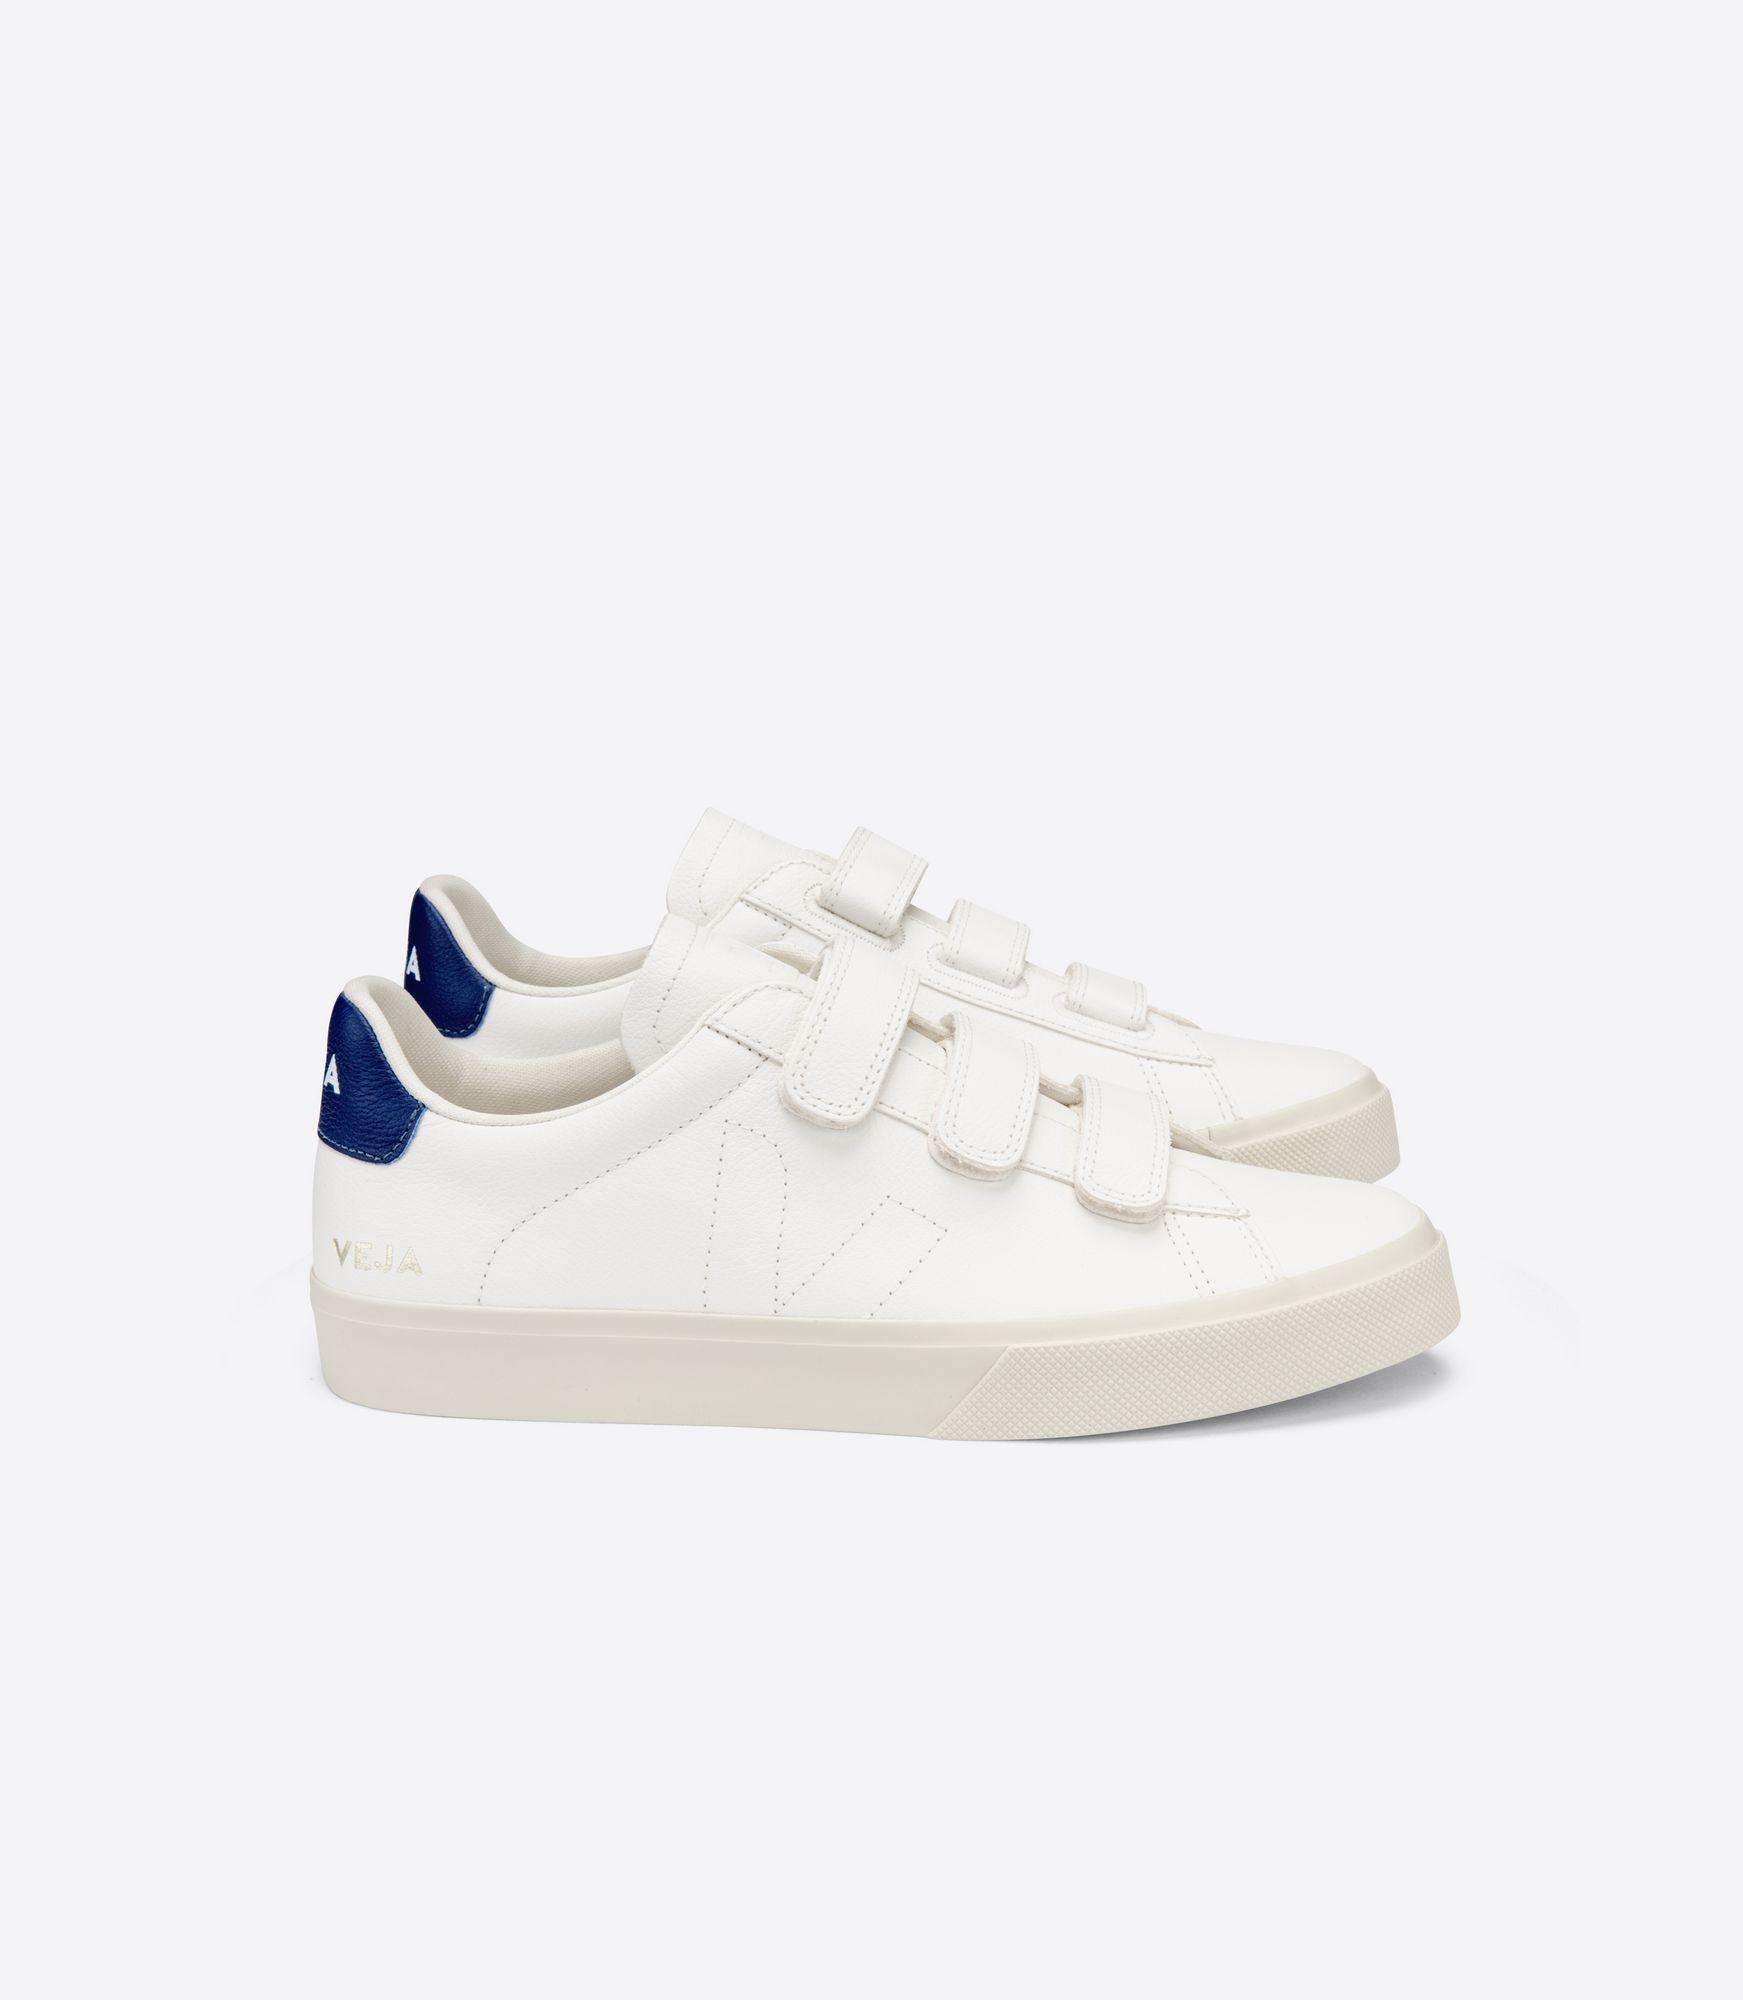 VEJA - Recife - white/cobalt blue velcro sneaker